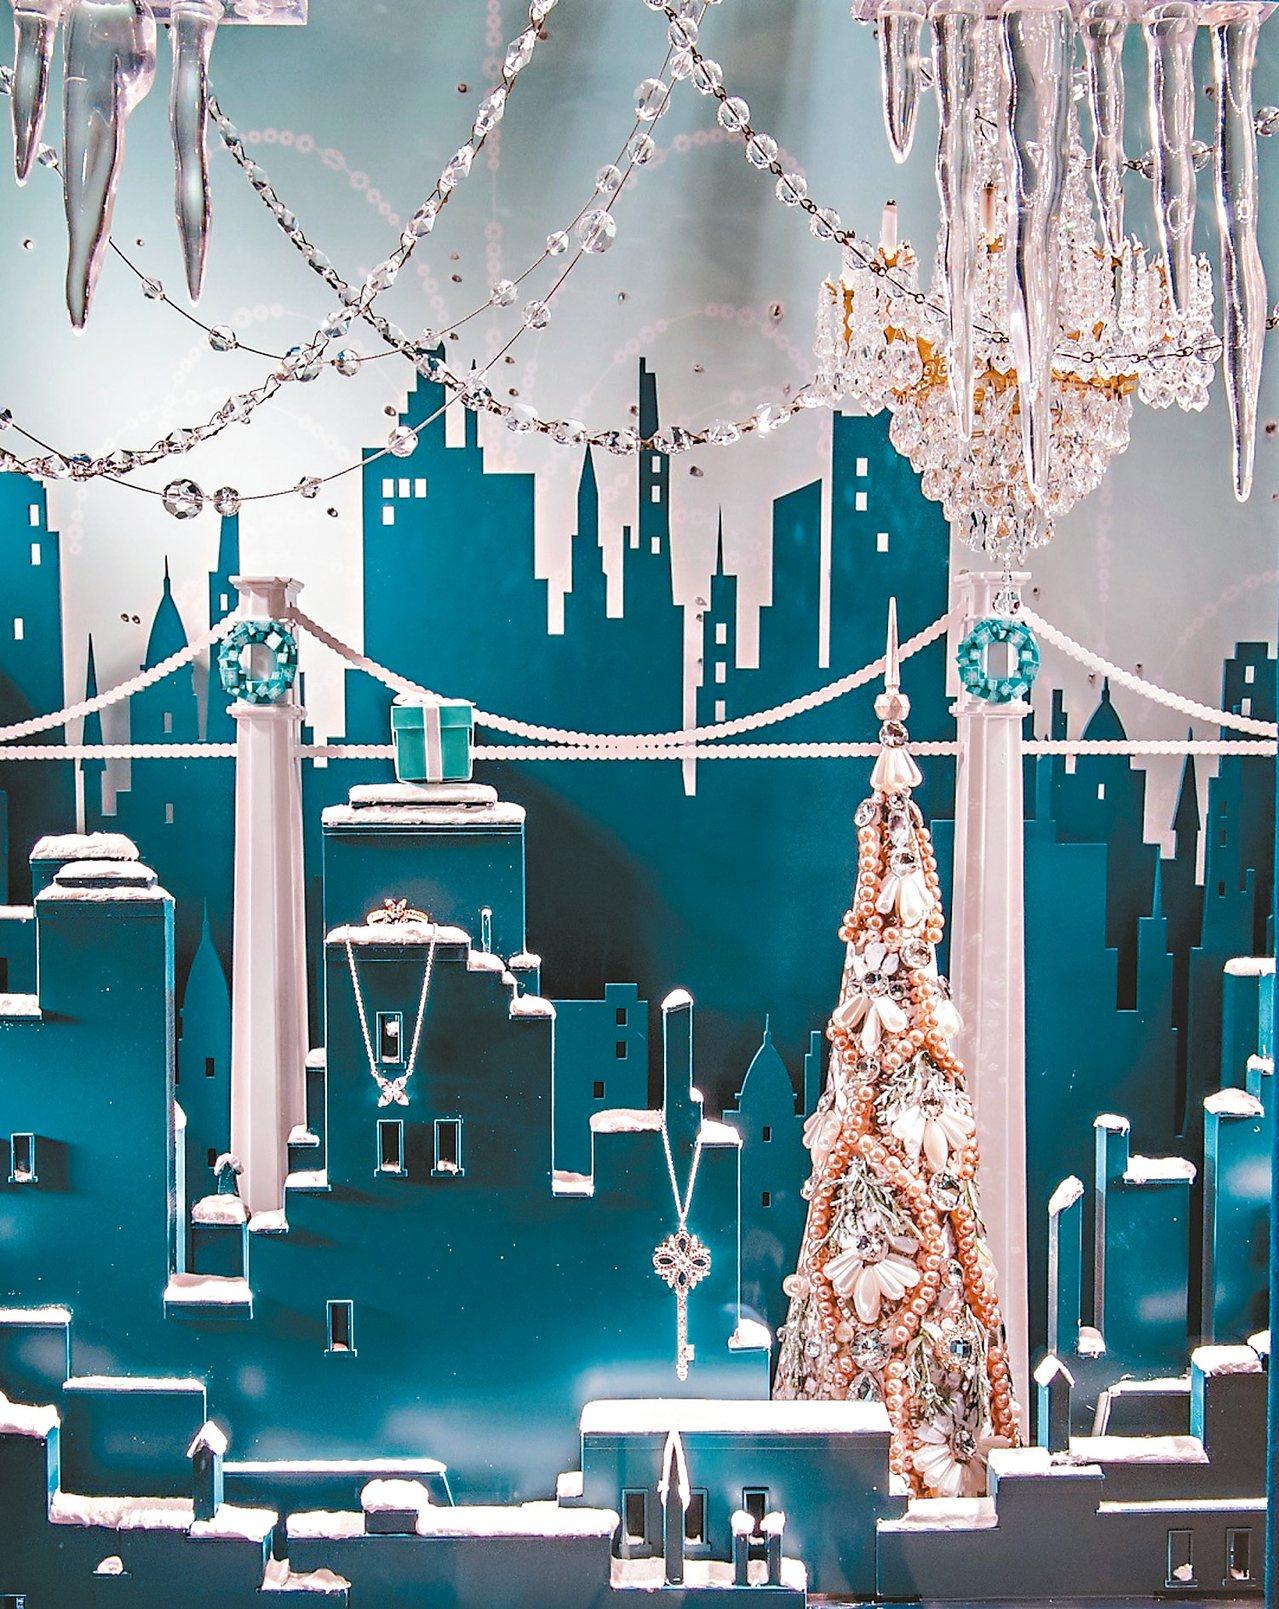 Tiffany耶誕櫥窗以白雪皚皚的城市剪影為特色。 圖/業者提供